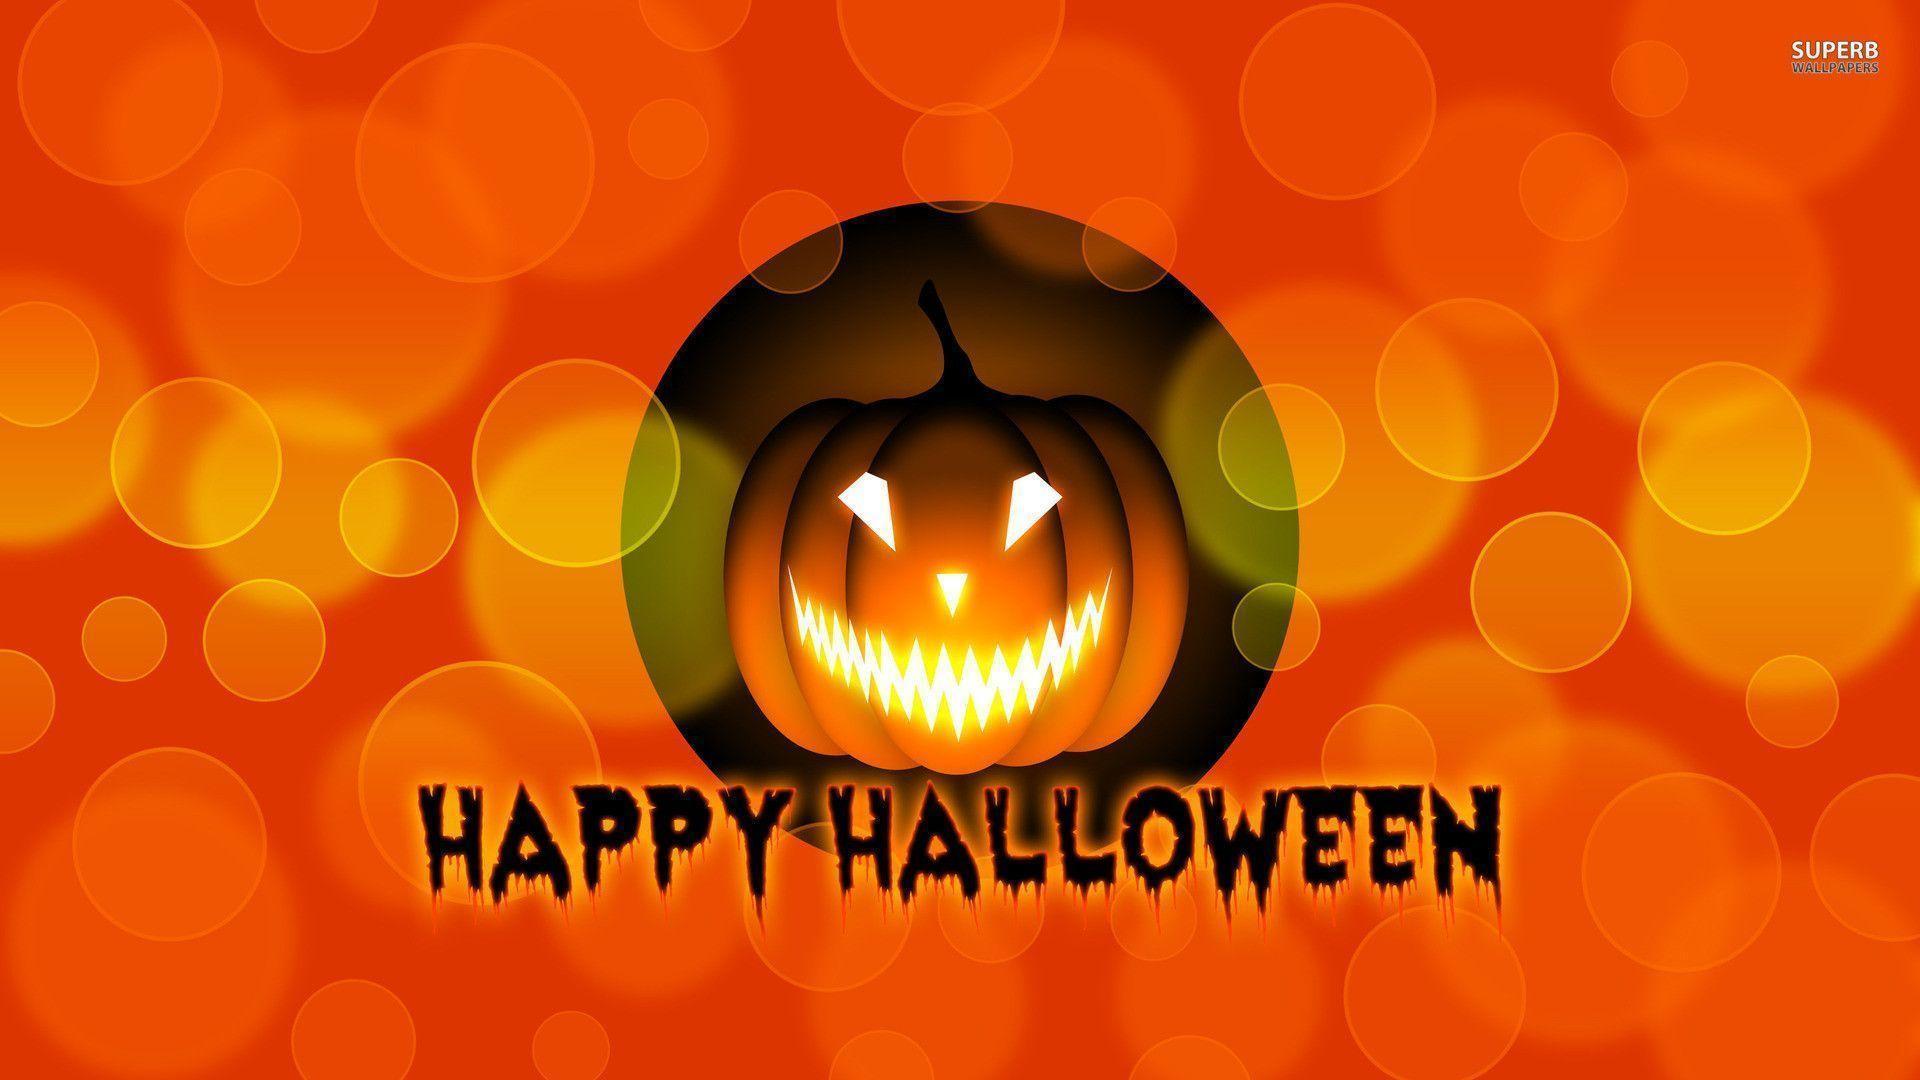 Halloween Pictures Flip Wallpapers Download Wallpaper HD 1920x1080